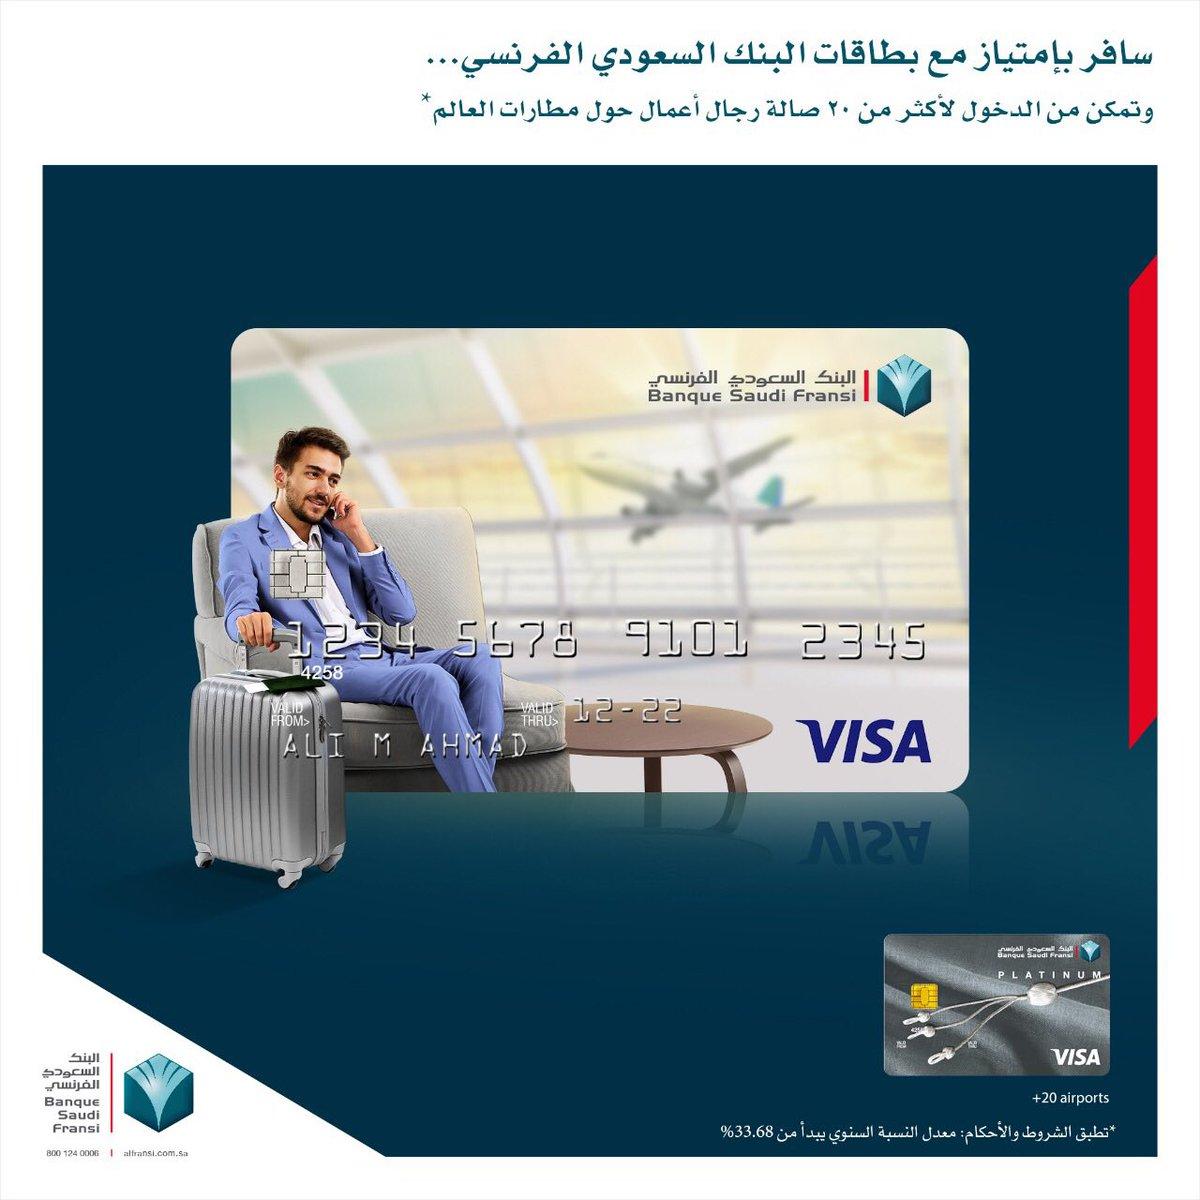 البنك السعودي الفرنسي Twitterissa سافر بامتياز مع بطاقات البنك السعودي الفرنسي الائتمانية واستمتع بدخول صالة رجال الأعمال حول مطارات العالم